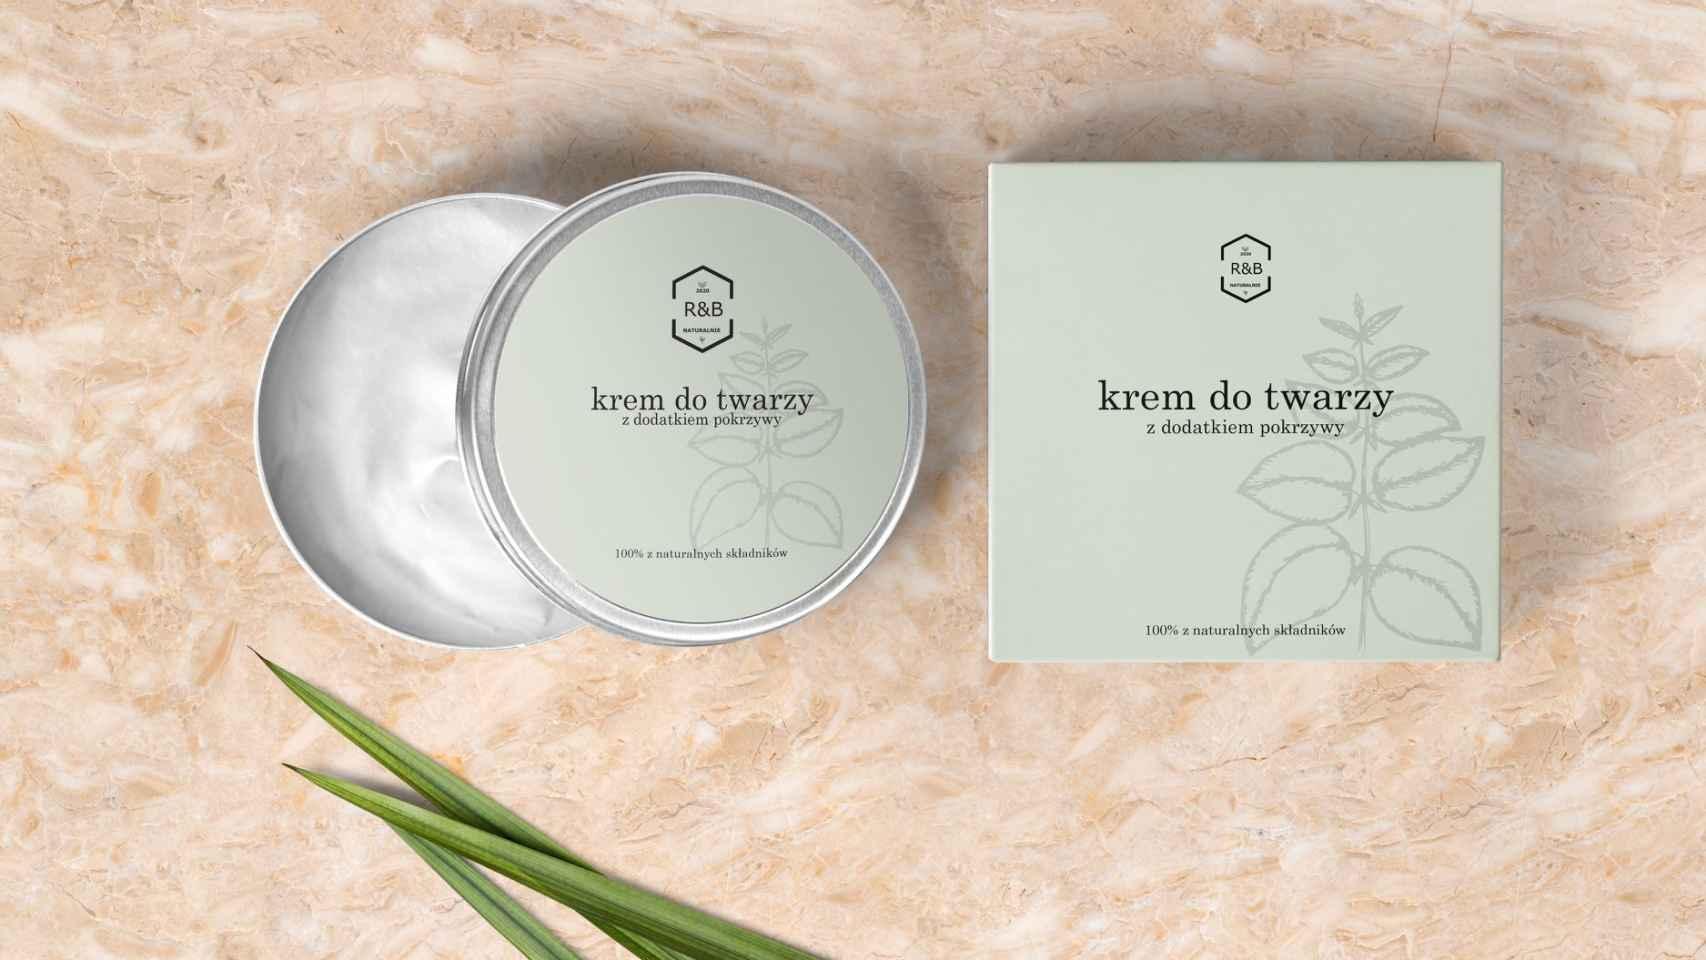 Una de las cremas que se ofertan en la página de Krystyna Paszko.